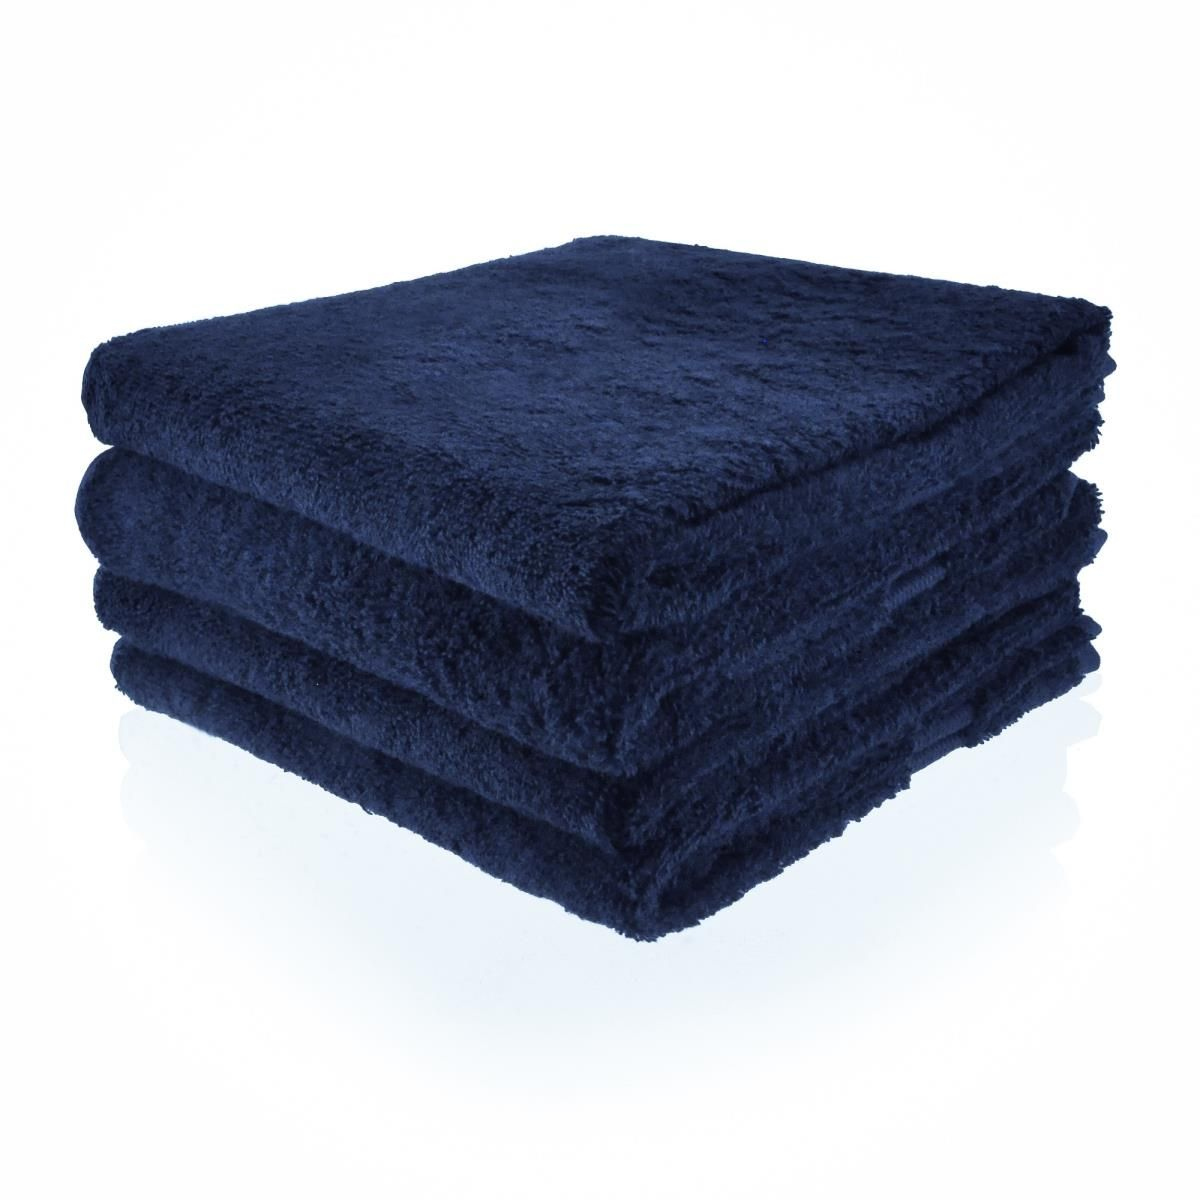 handdoek bedrukken